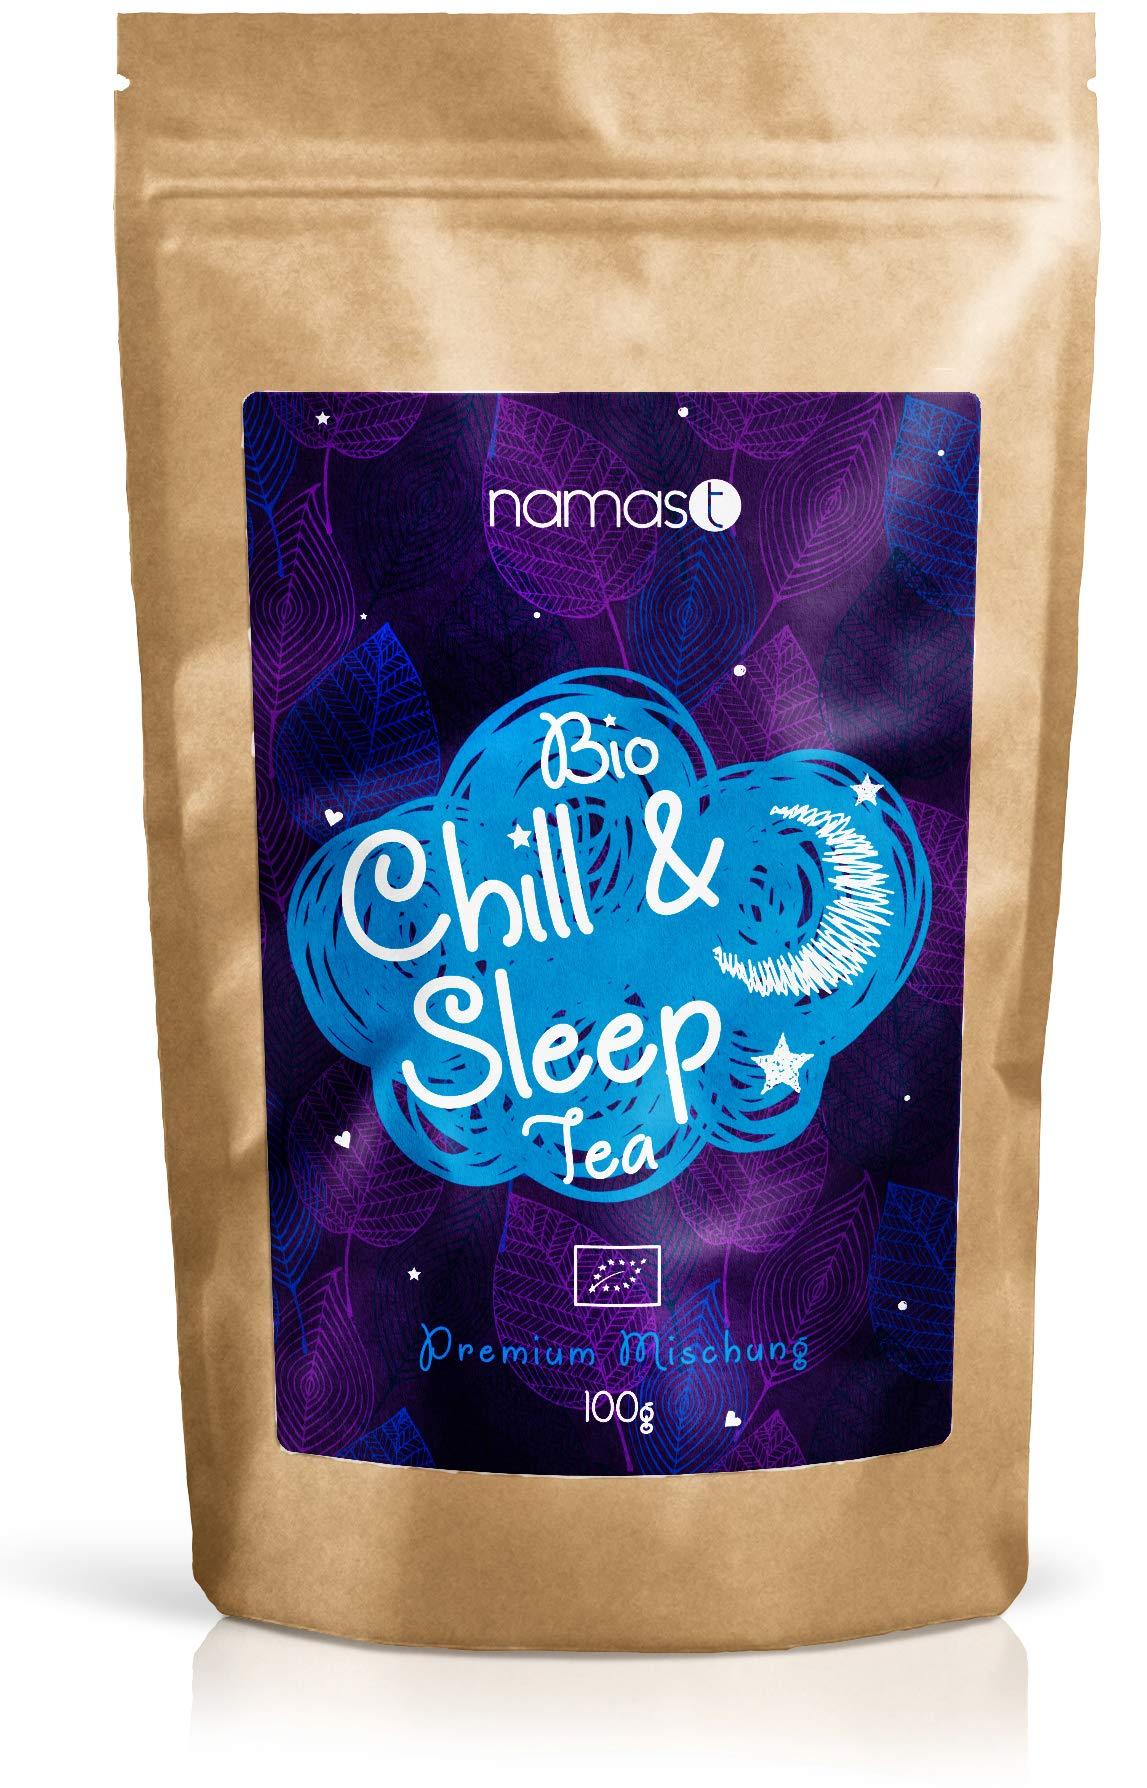 Chill-Sleep-Tea-BIO-100g-Abendtee-Entspannungstee-biologische-Spitzenqualitt-Loser-Kruter-Tee-mit-Baldrian-Lavendel-Johanniskraut-Passionsblume-Hopfenblten-etc-Made-in-Germany